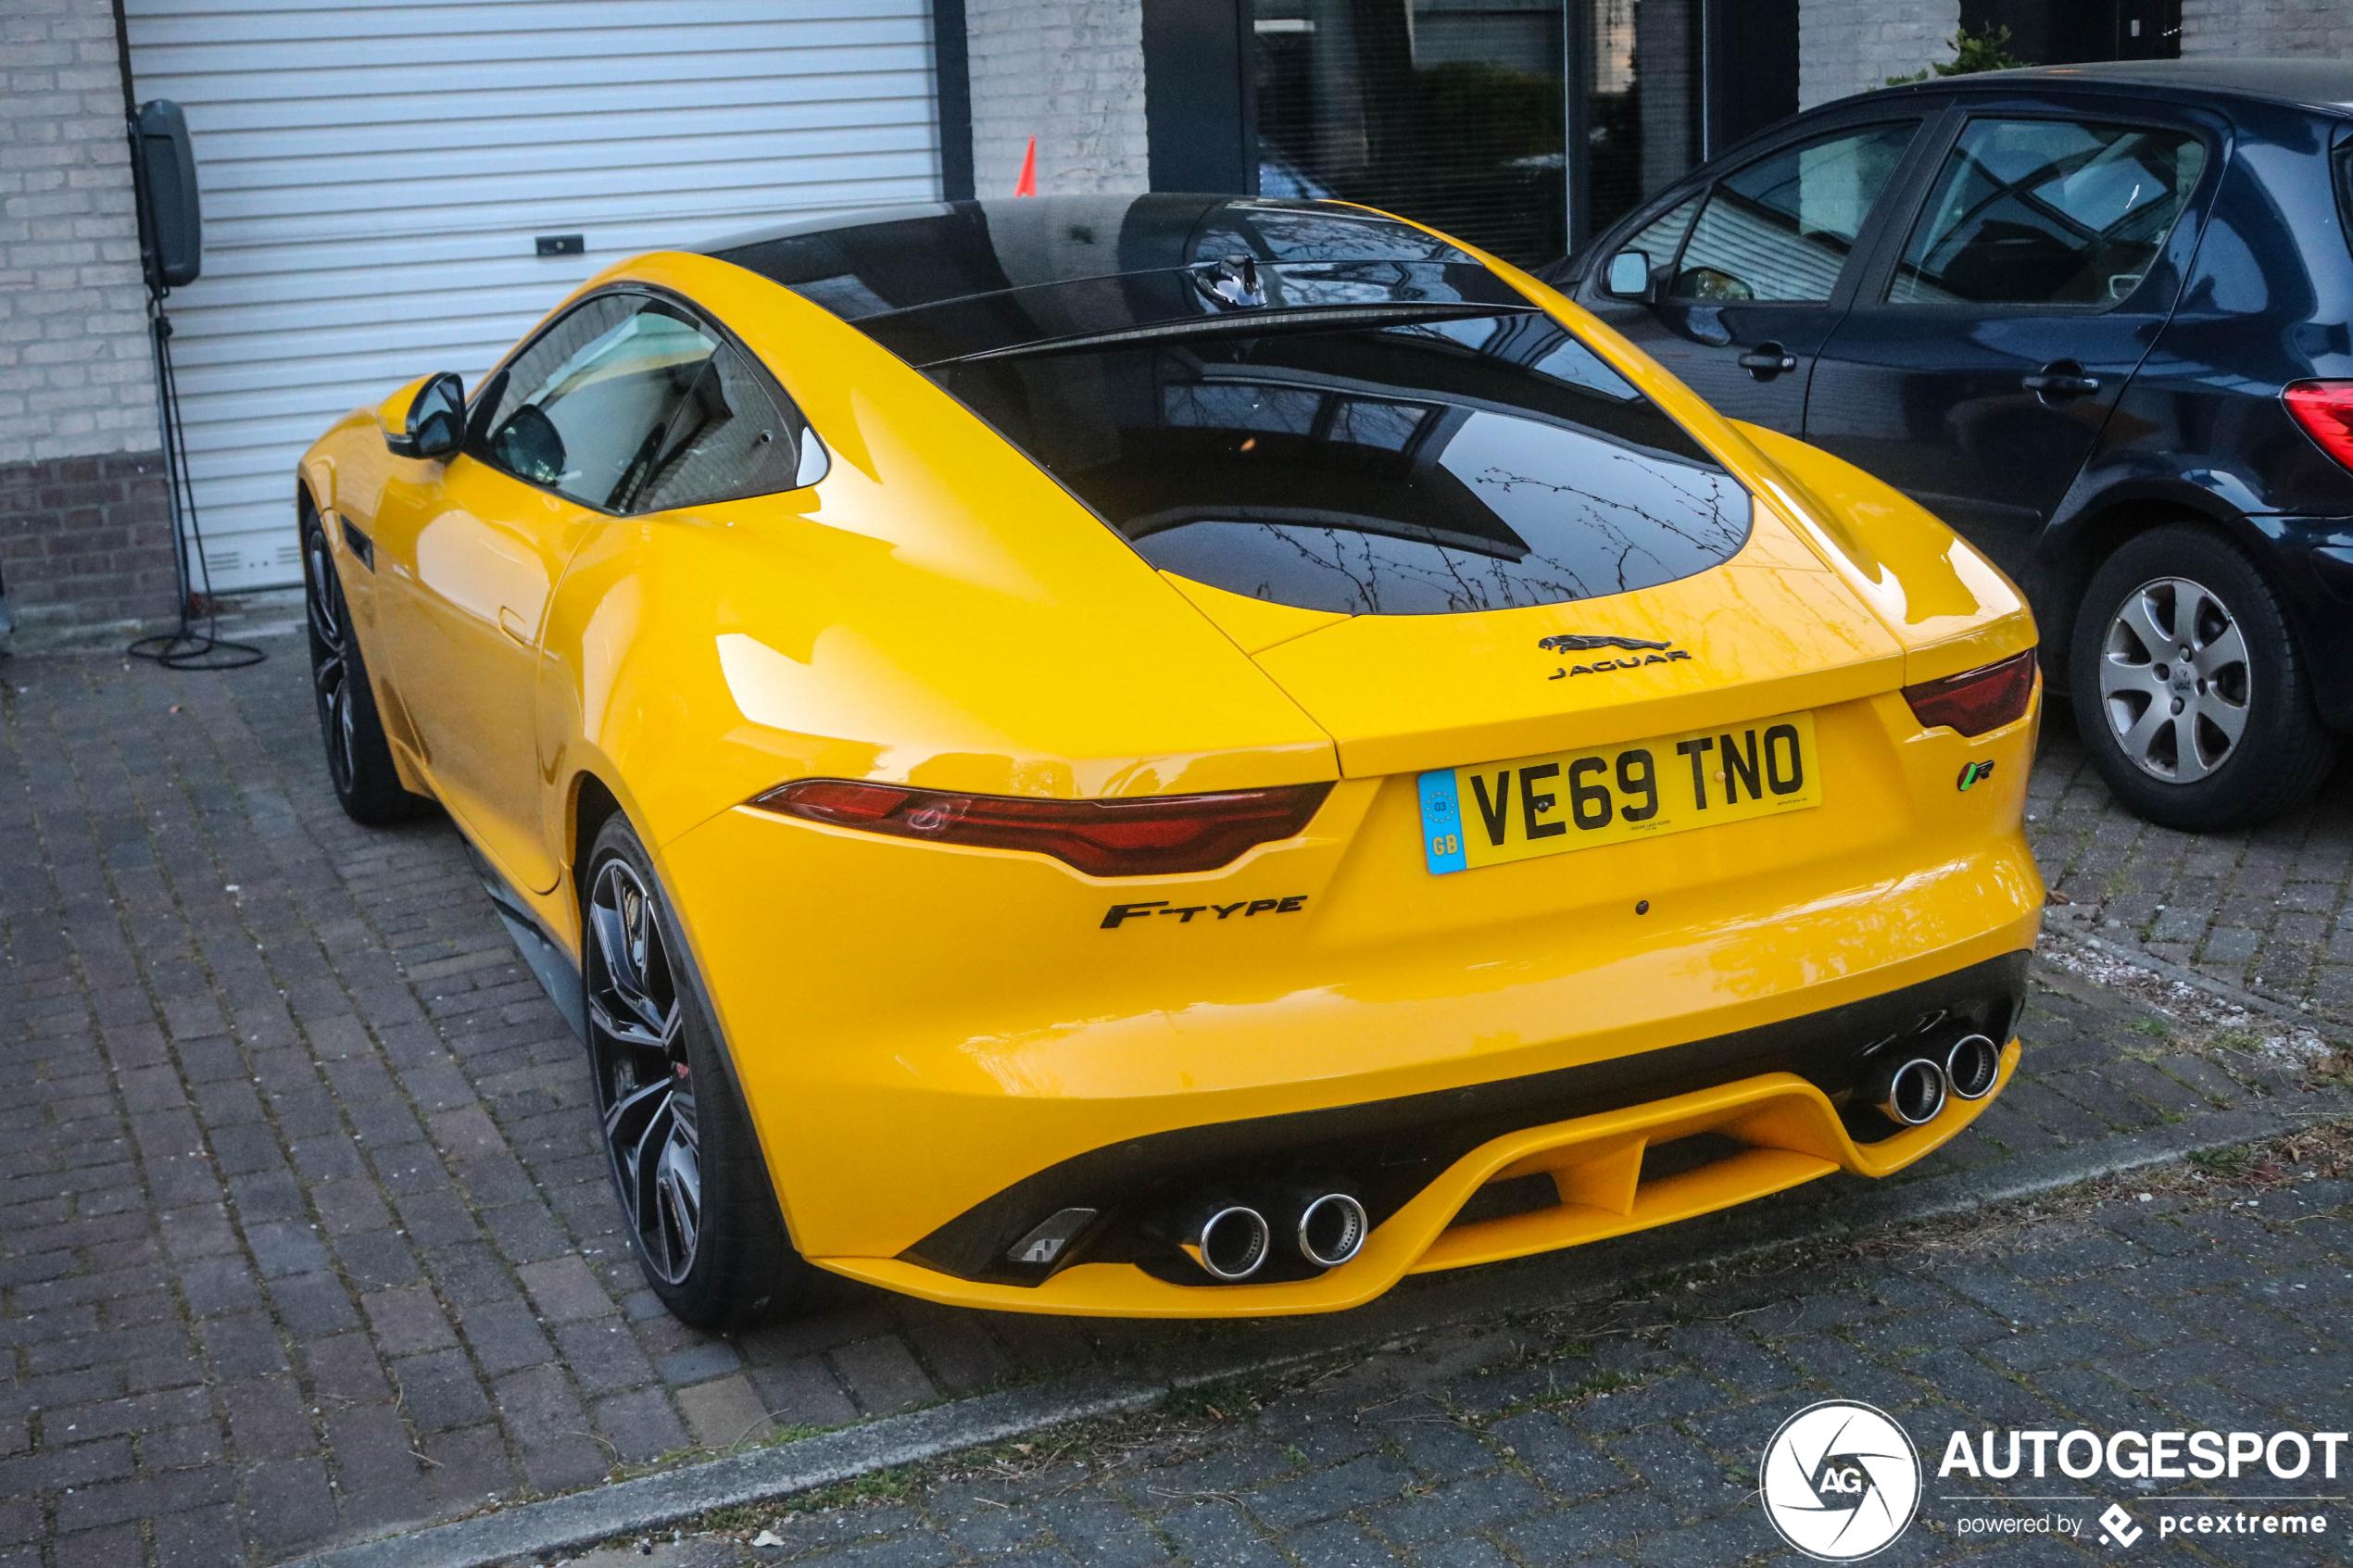 Geel op een Jaguar is niet lelijk